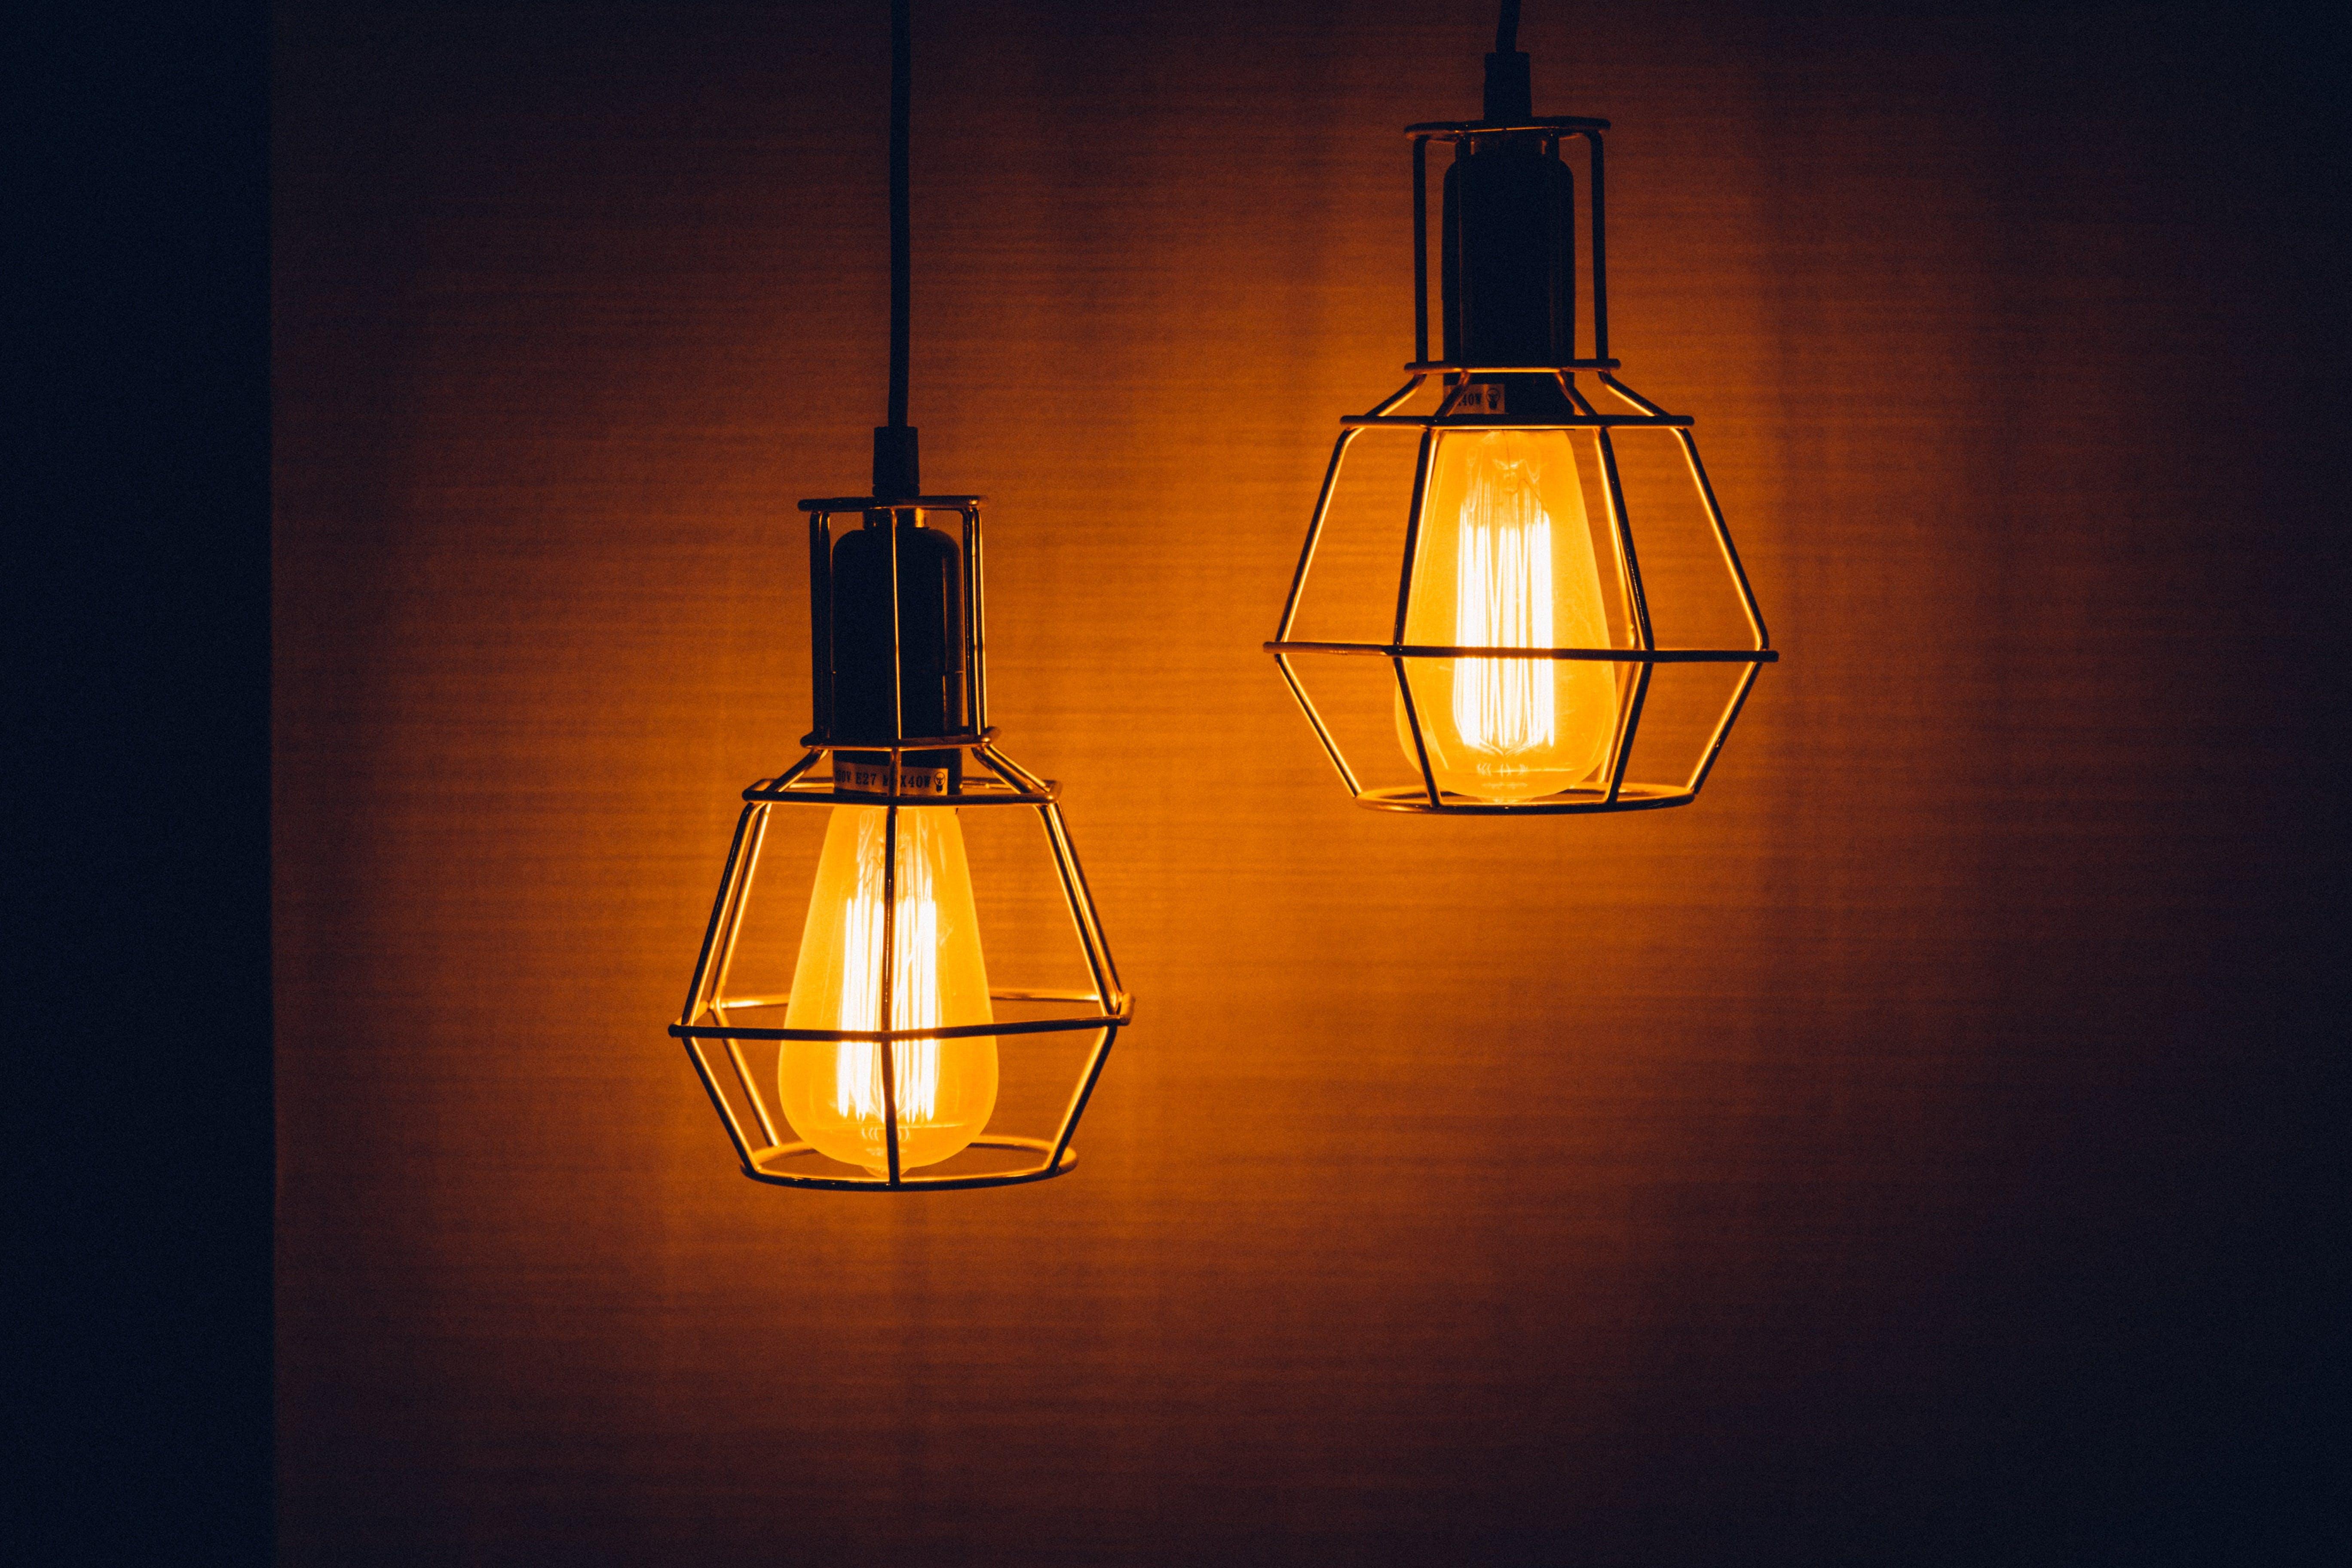 beleuchtet, beleuchtung, elektrizität